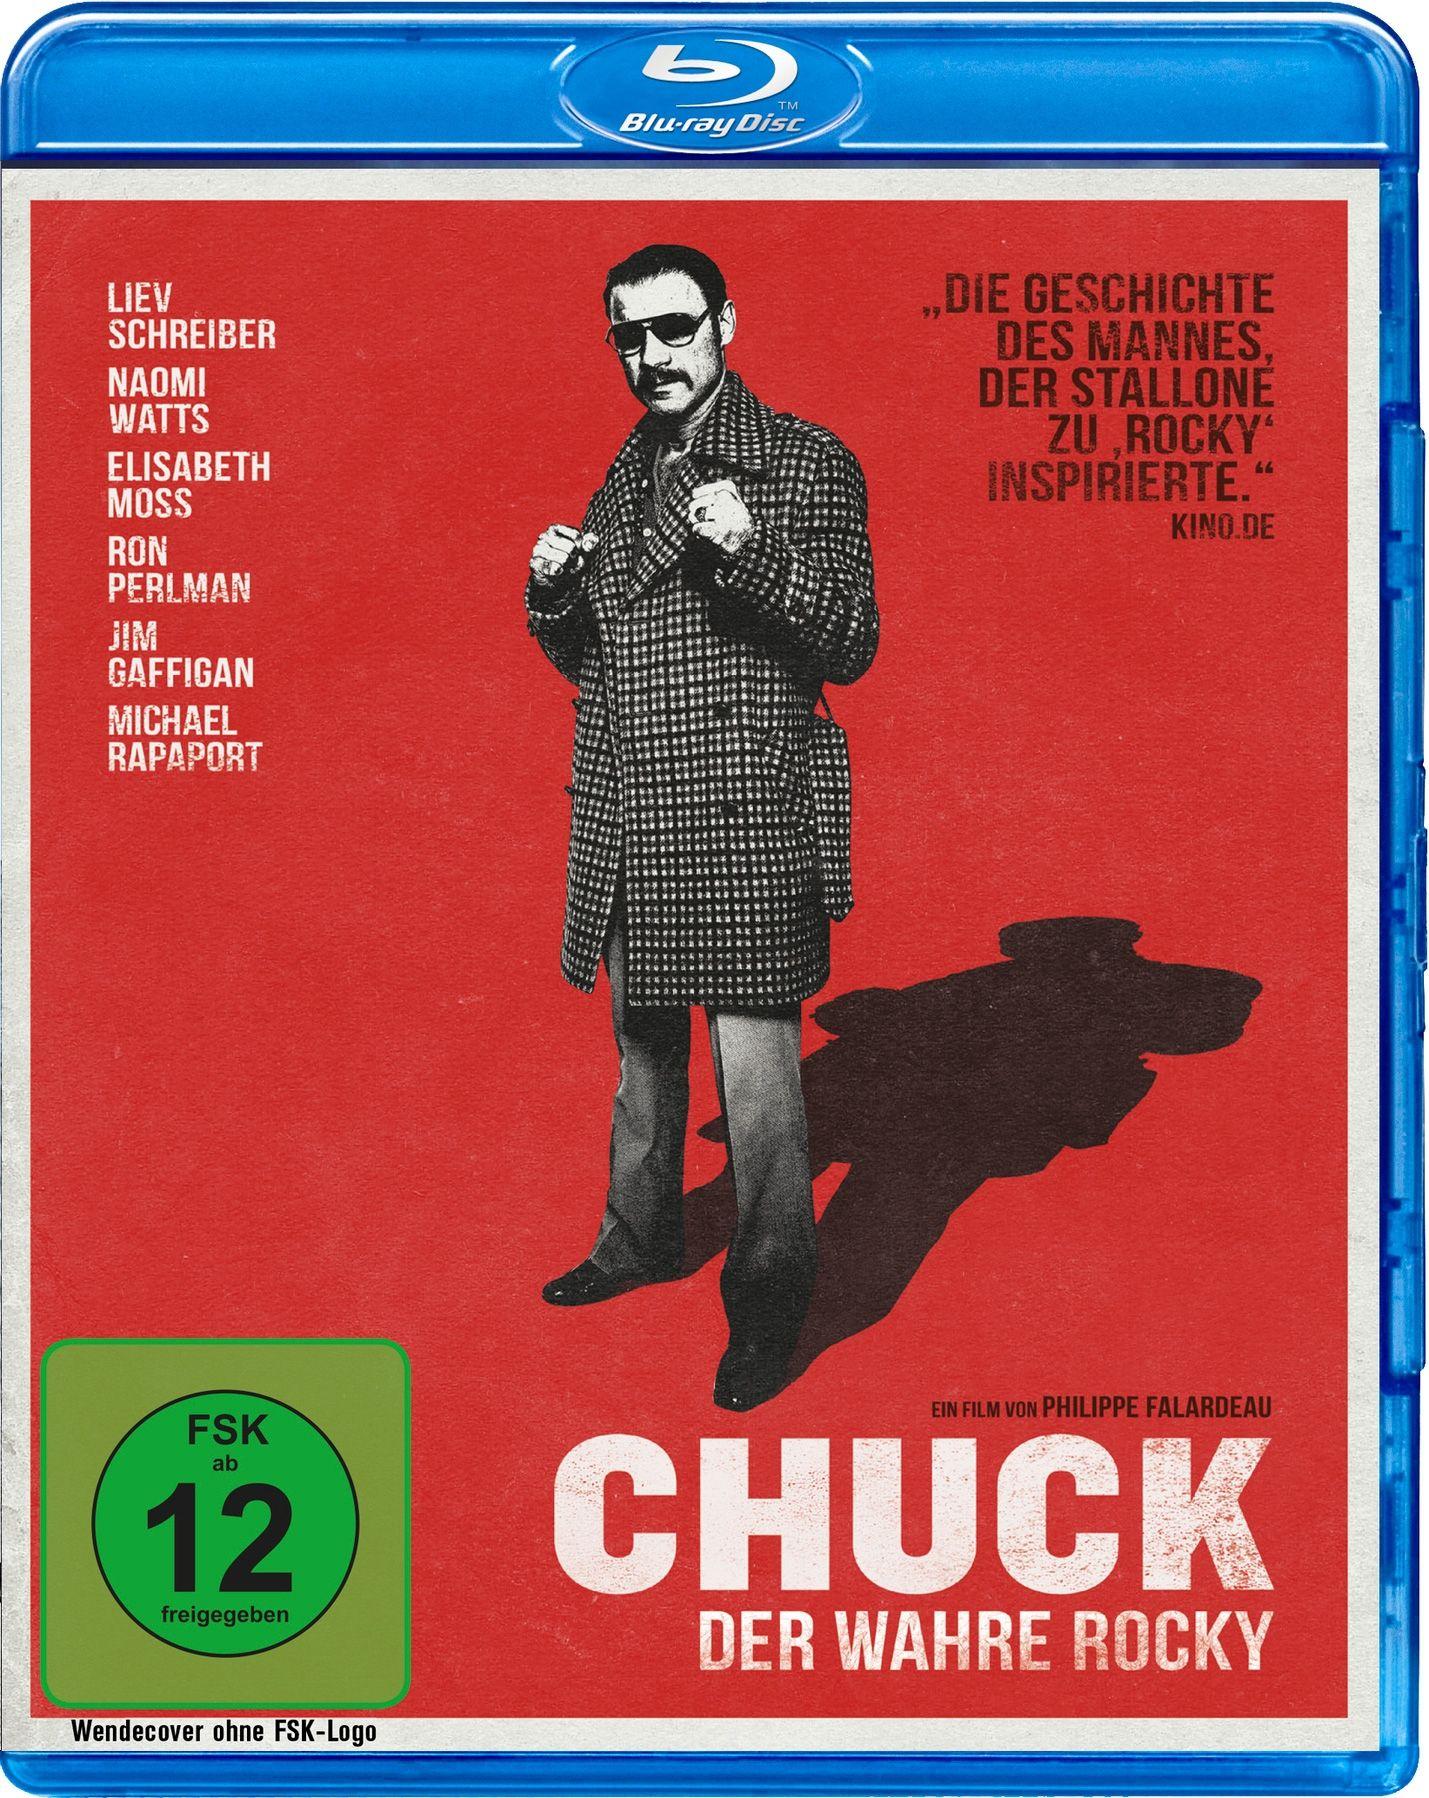 Chuck - Der wahre Rocky (Neuauflage) (BLURAY)